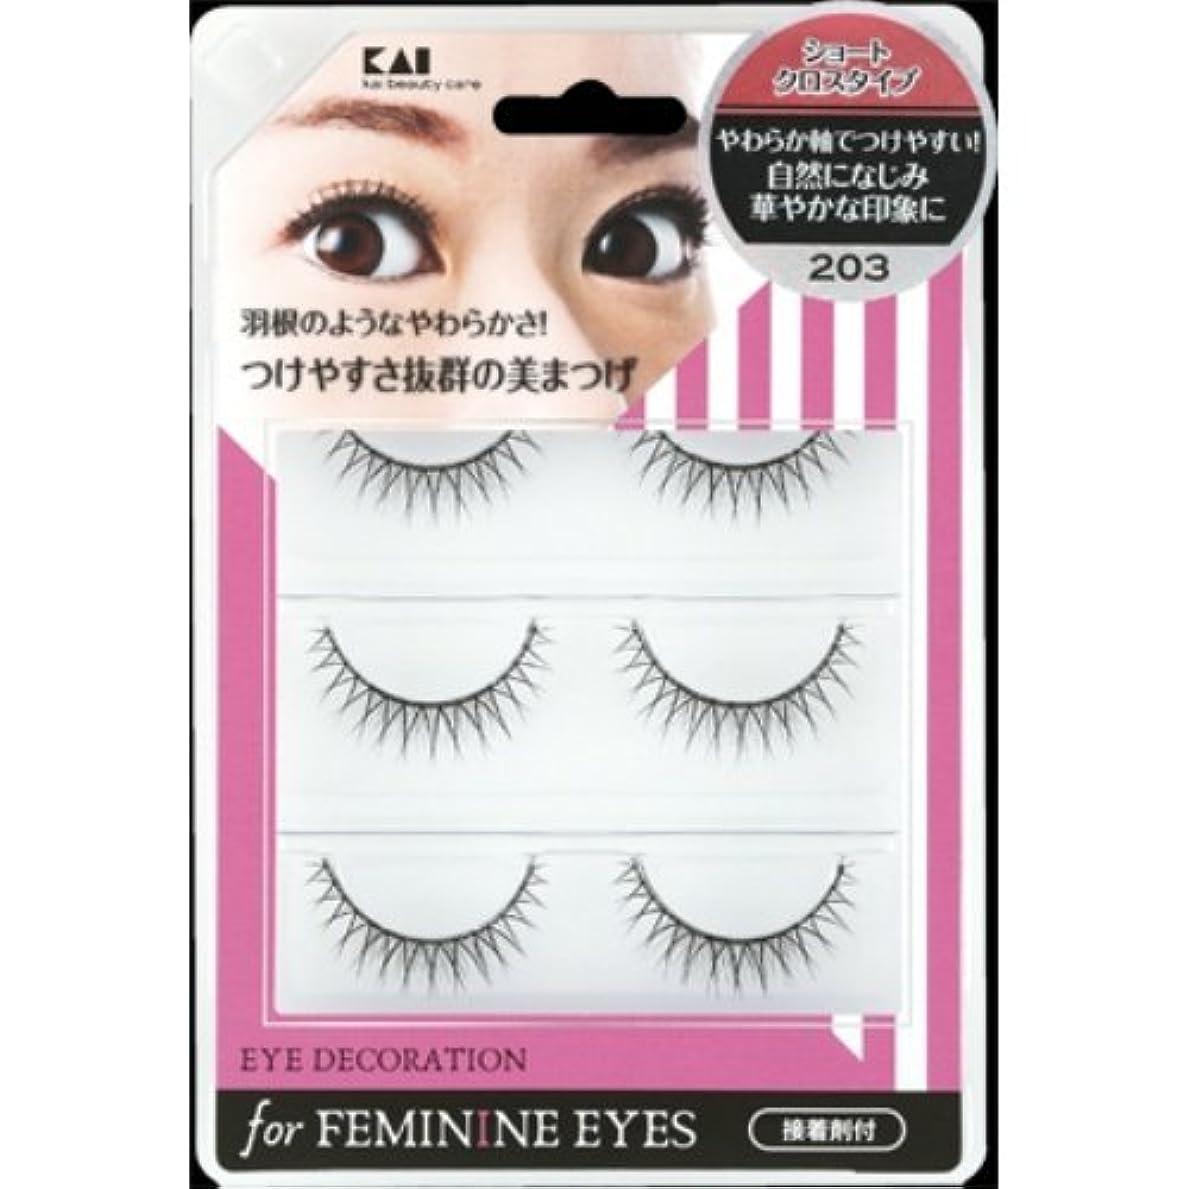 上院議員教えスクランブル貝印 アイデコレーション for feminine eyes 203 HC1560